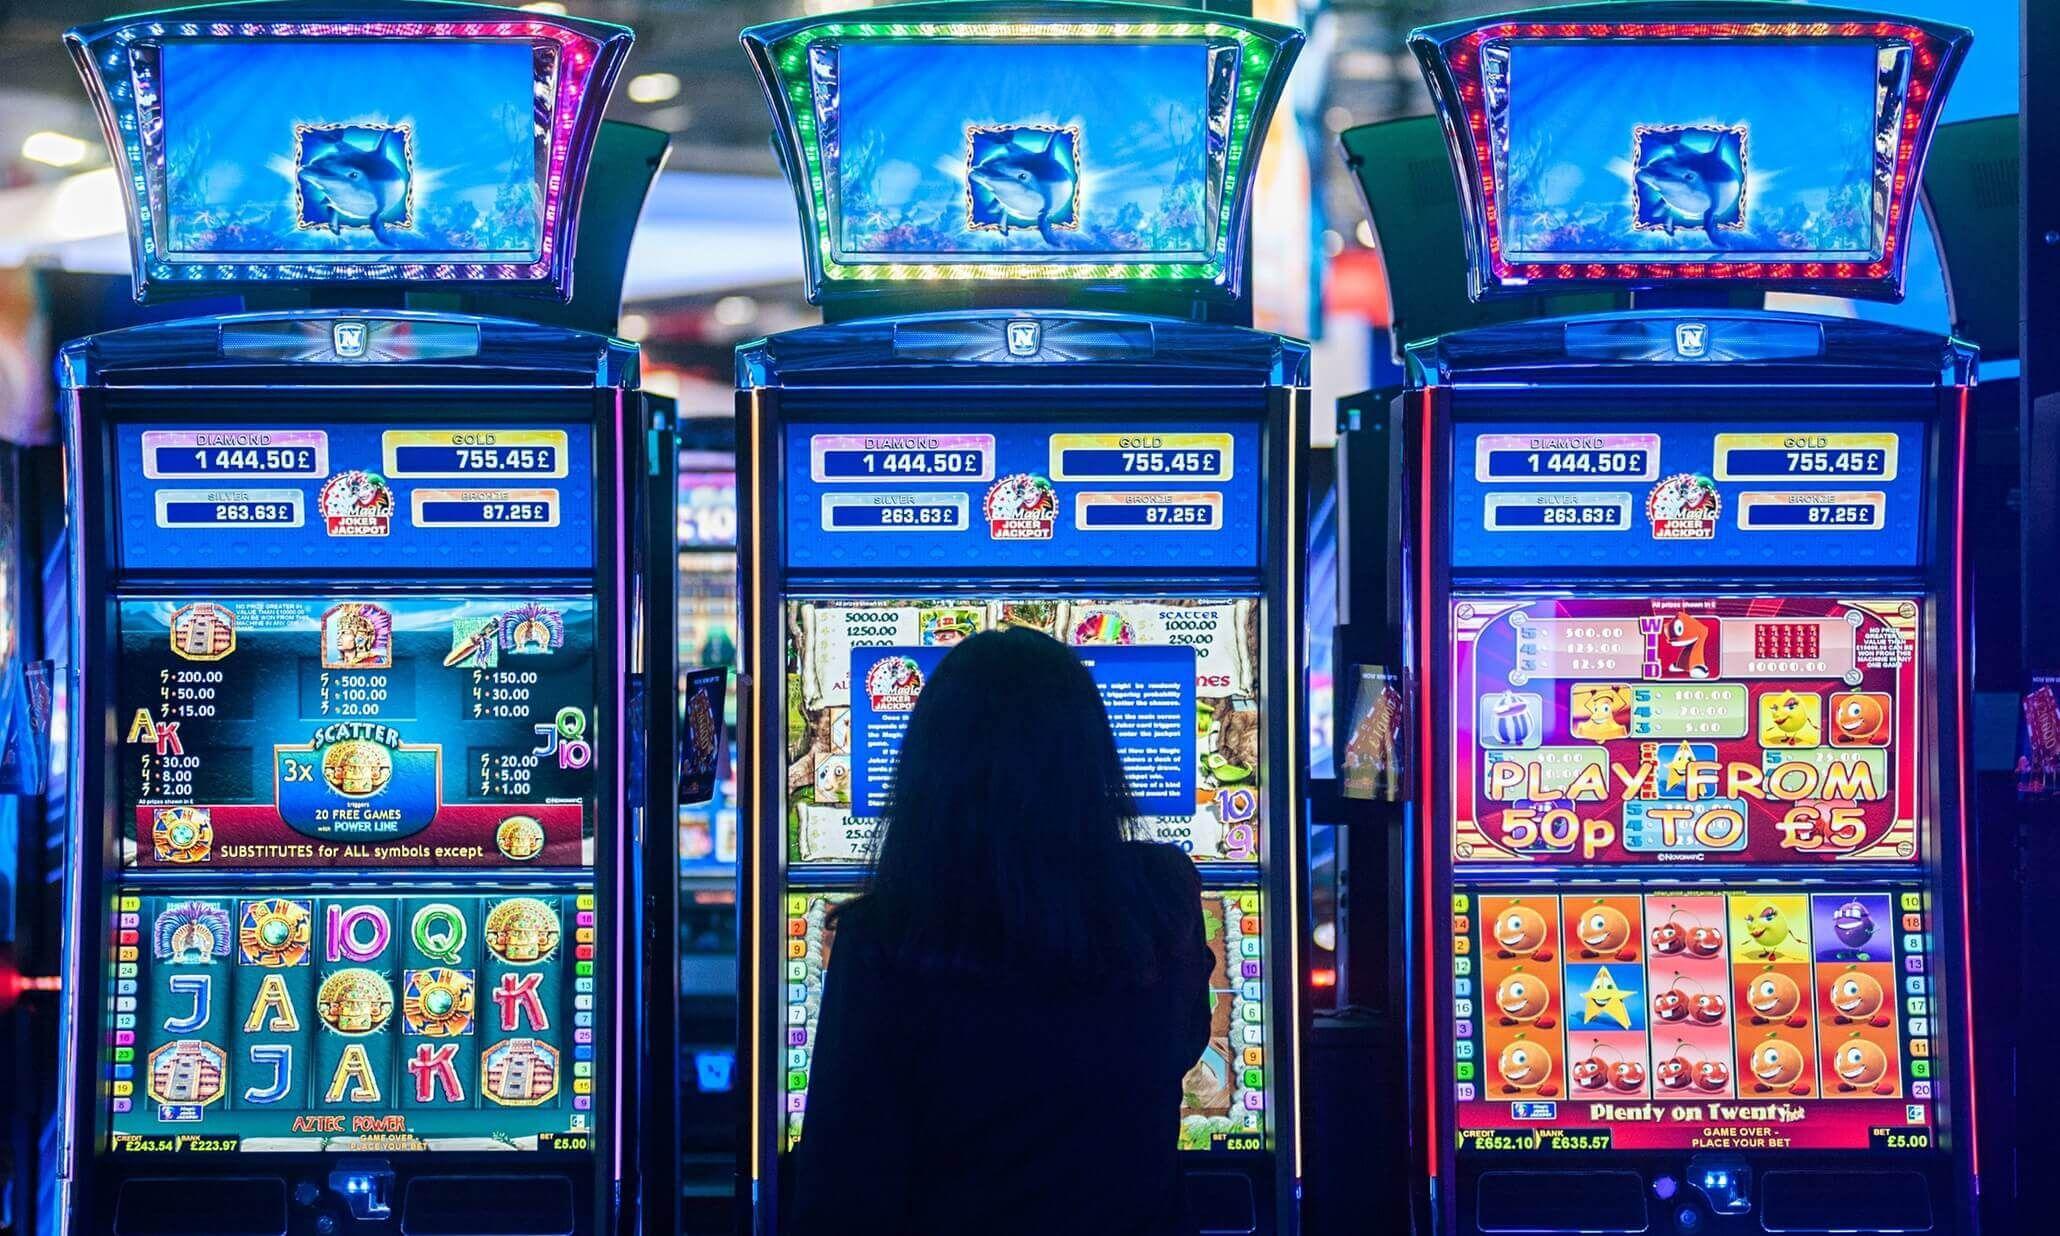 Казино вулкан бонус 10000 рублей игровые автоматы играть бесплатно новоматик